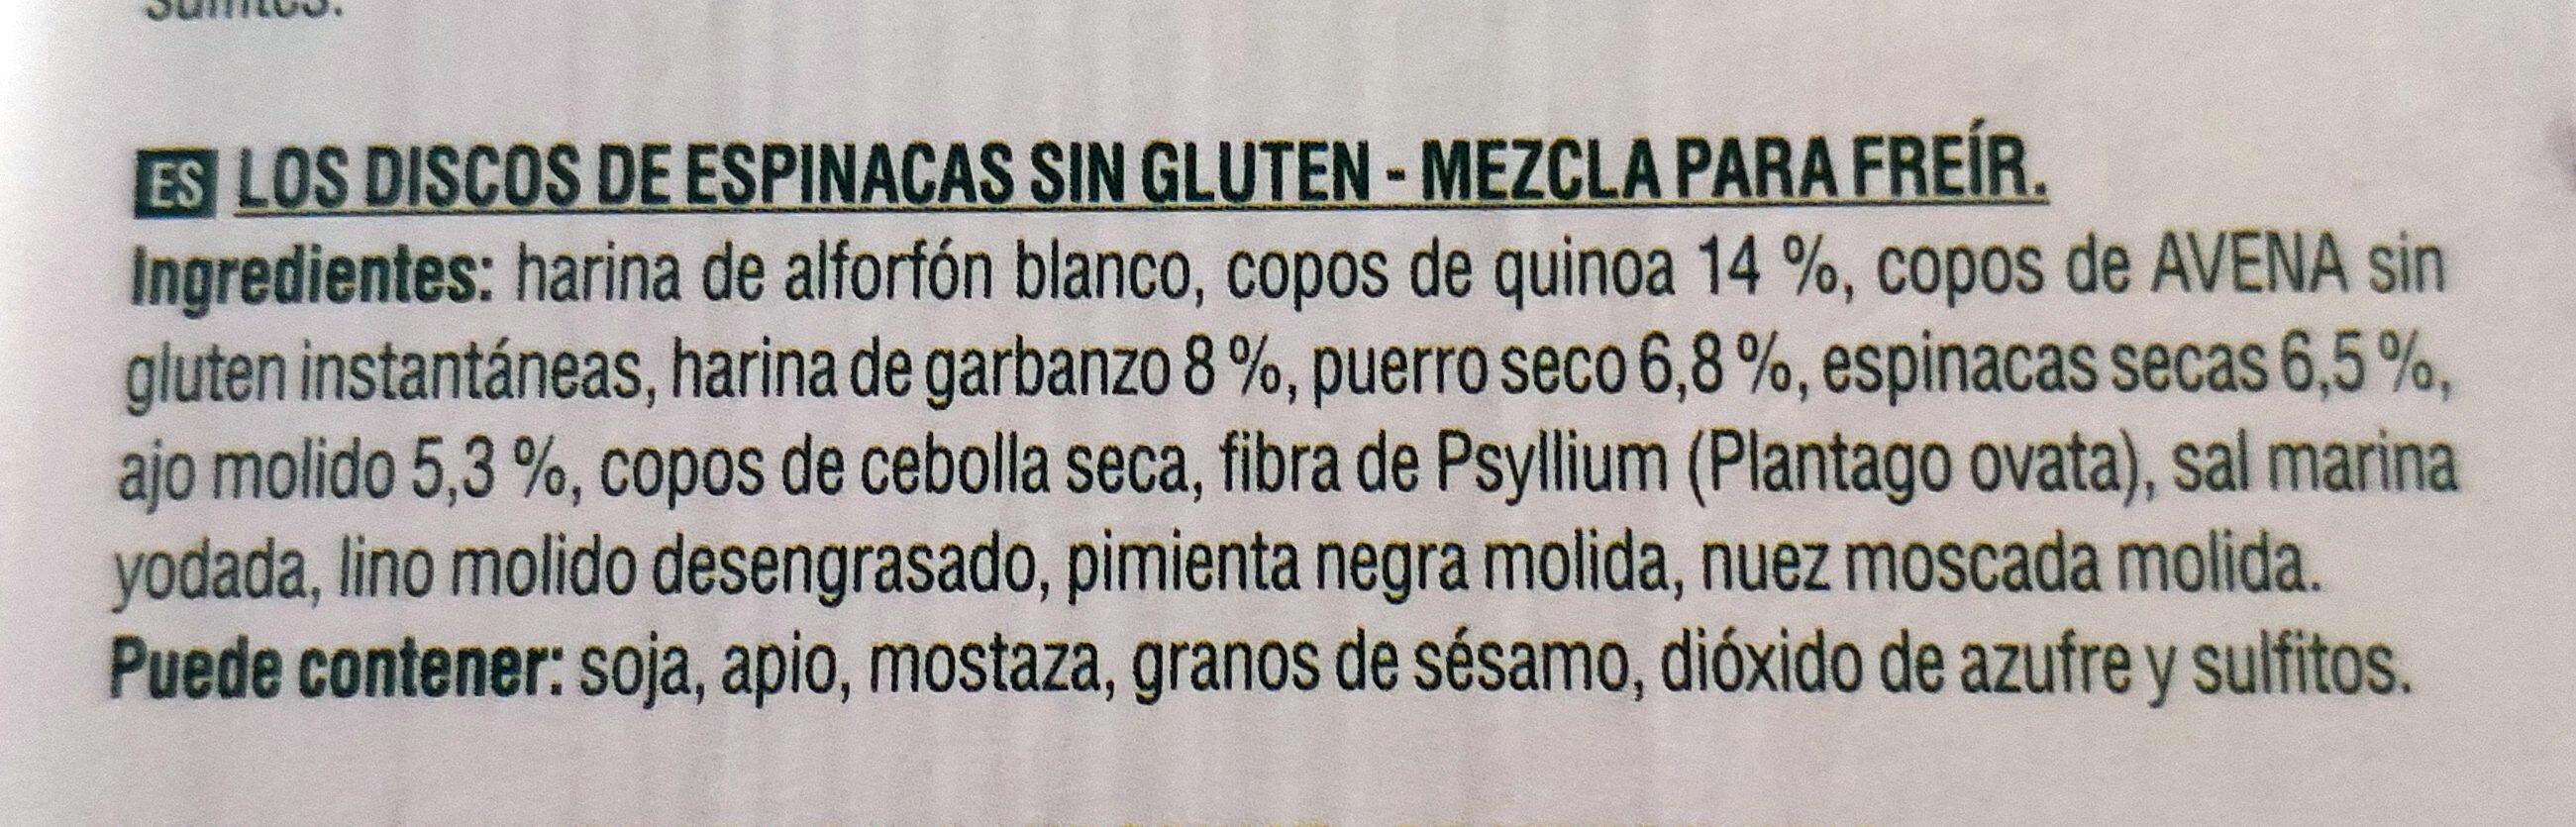 Spinach patty - Ingredientes - es